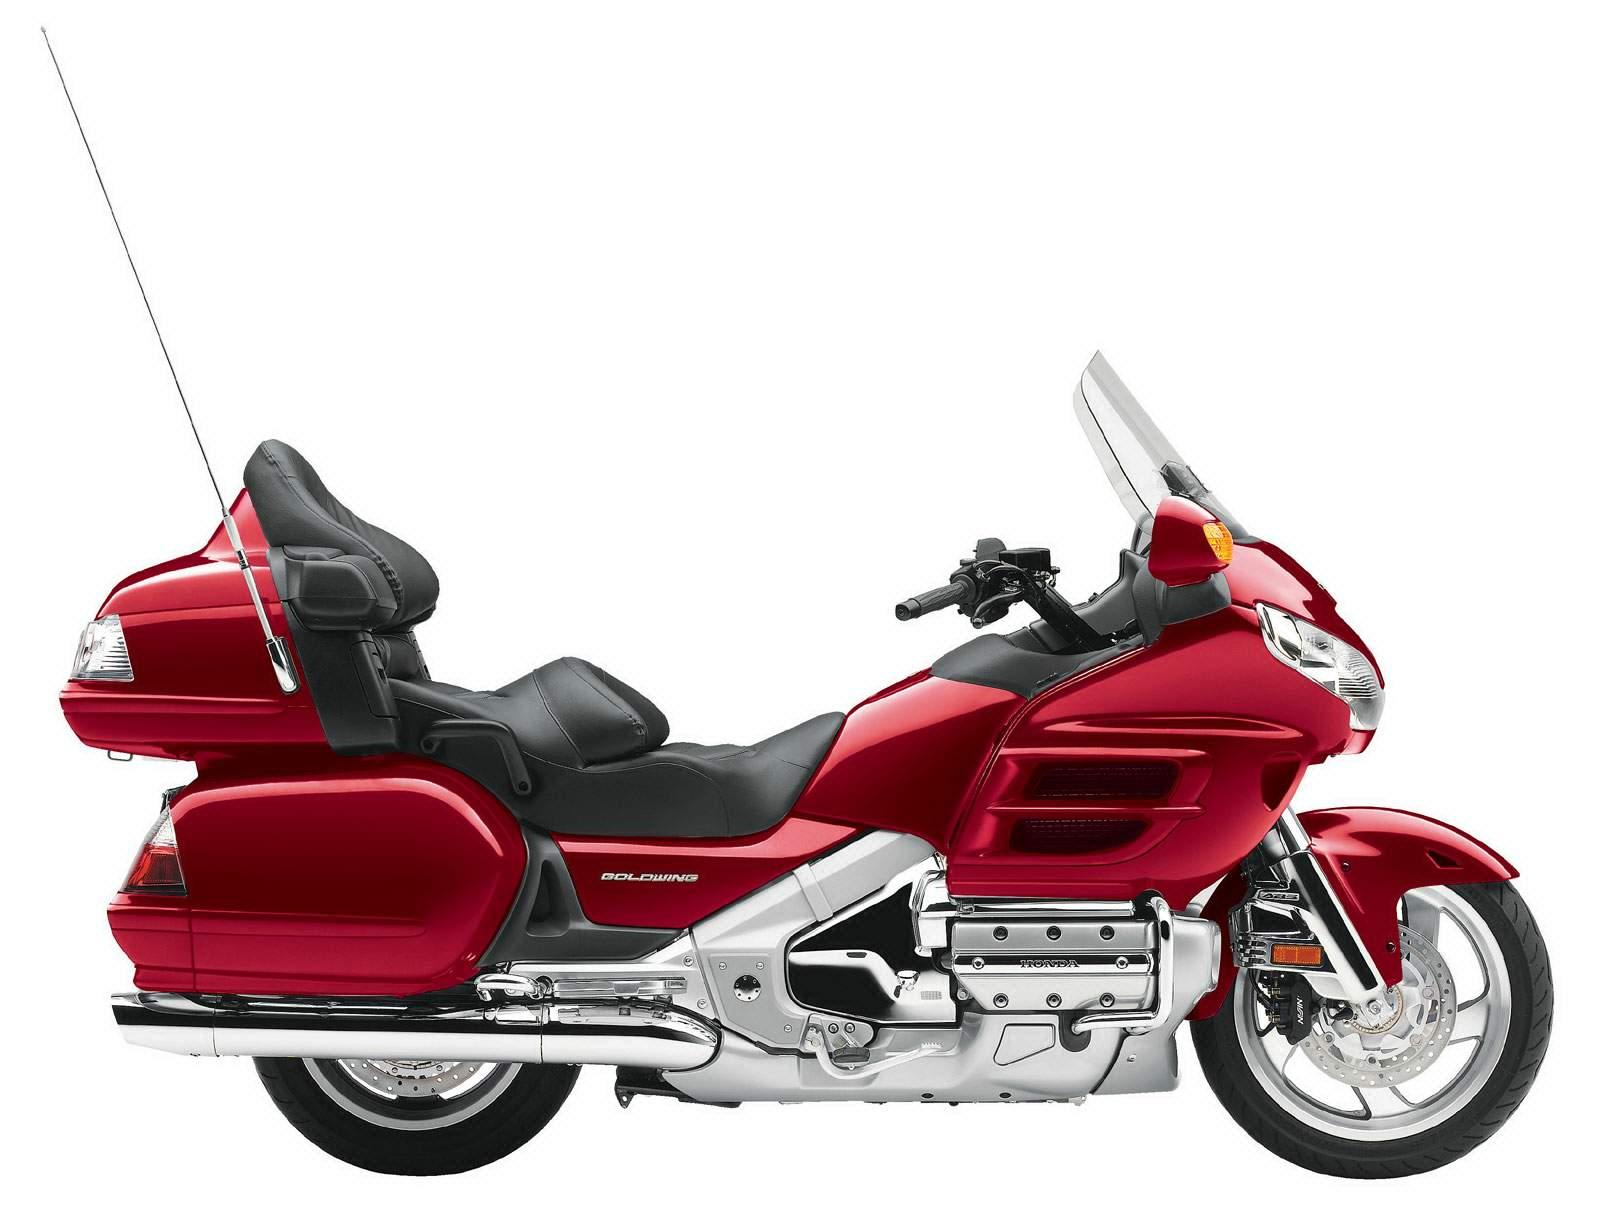 Motor Honda Terbaru 2012 Glx 1800 Goldwing Motor Terbaru